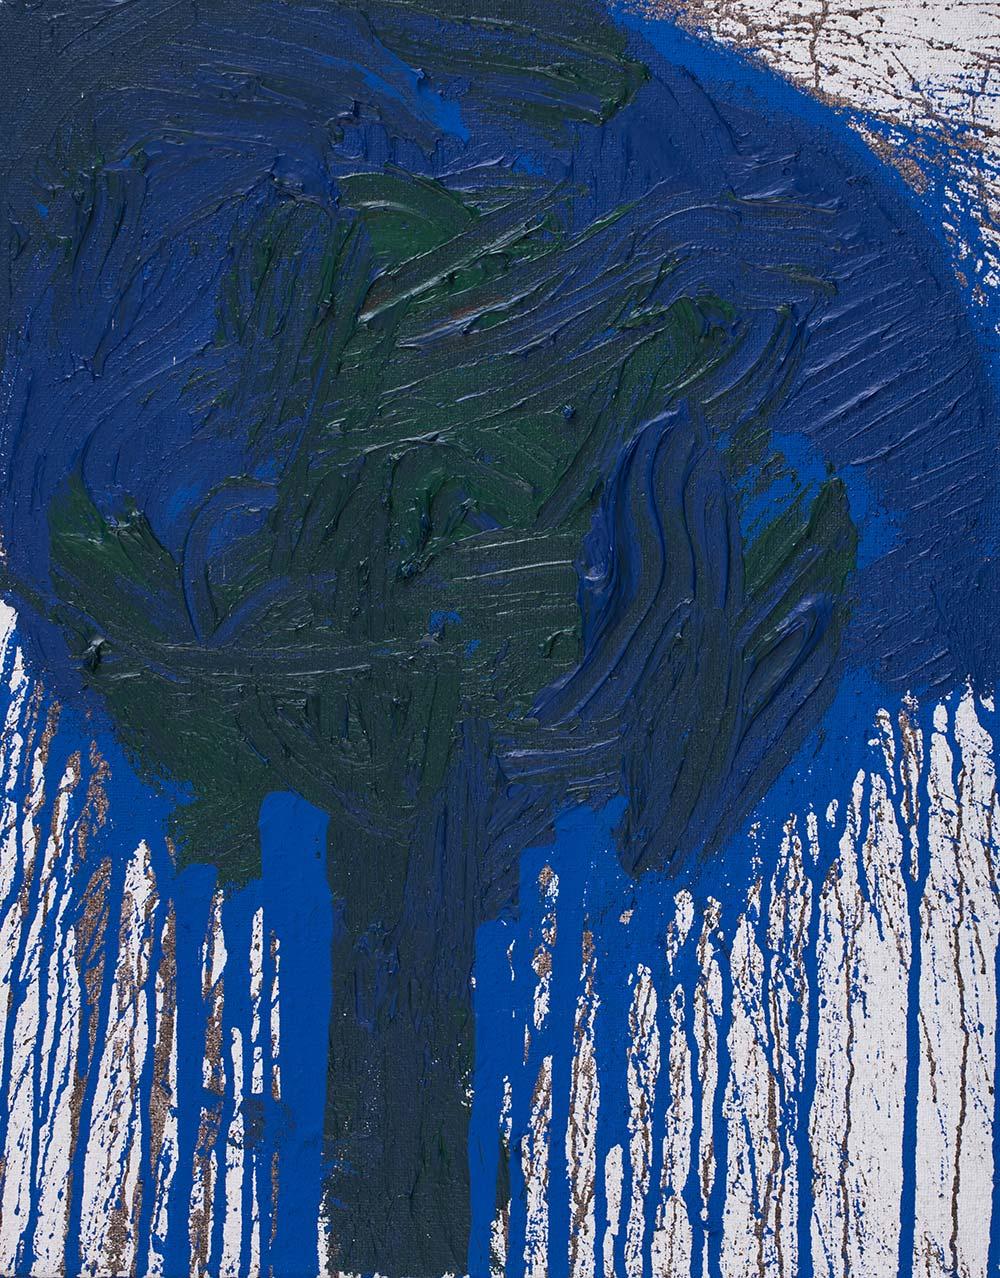 Schüttbild-grün-blau-Nitsch_web